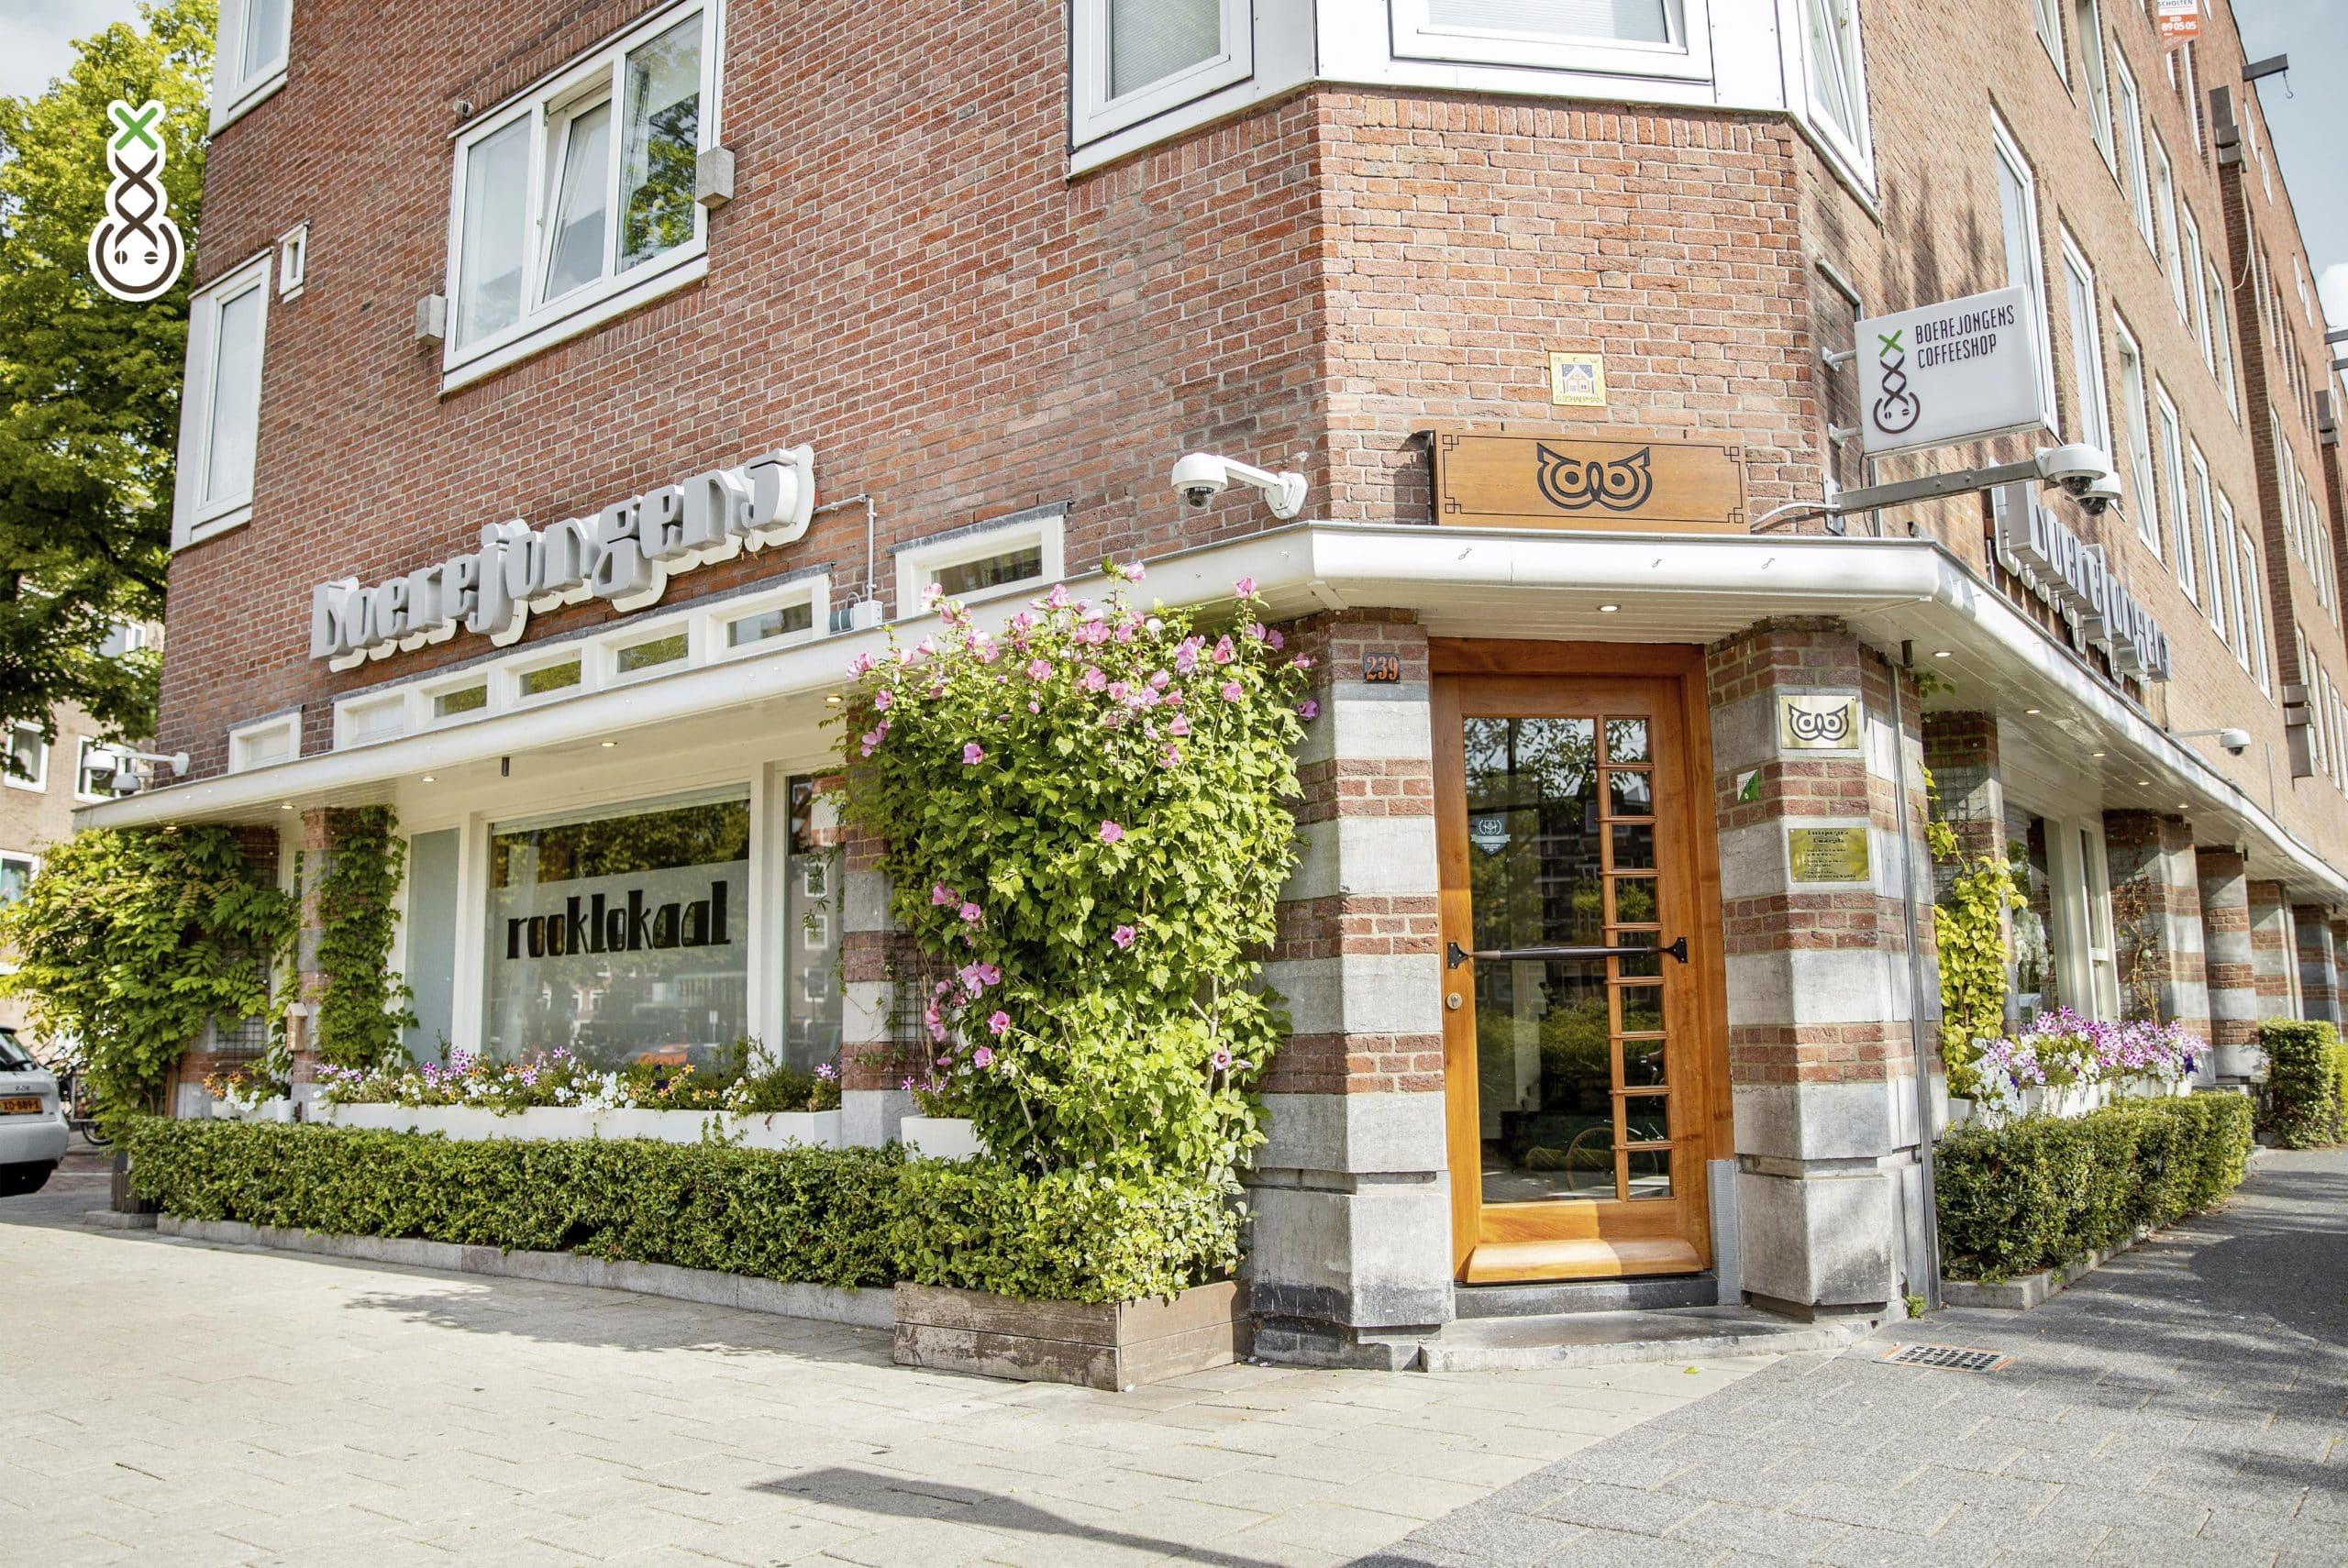 Coffee Shops Amsterdam : Les Boerejongens Coffeeshops